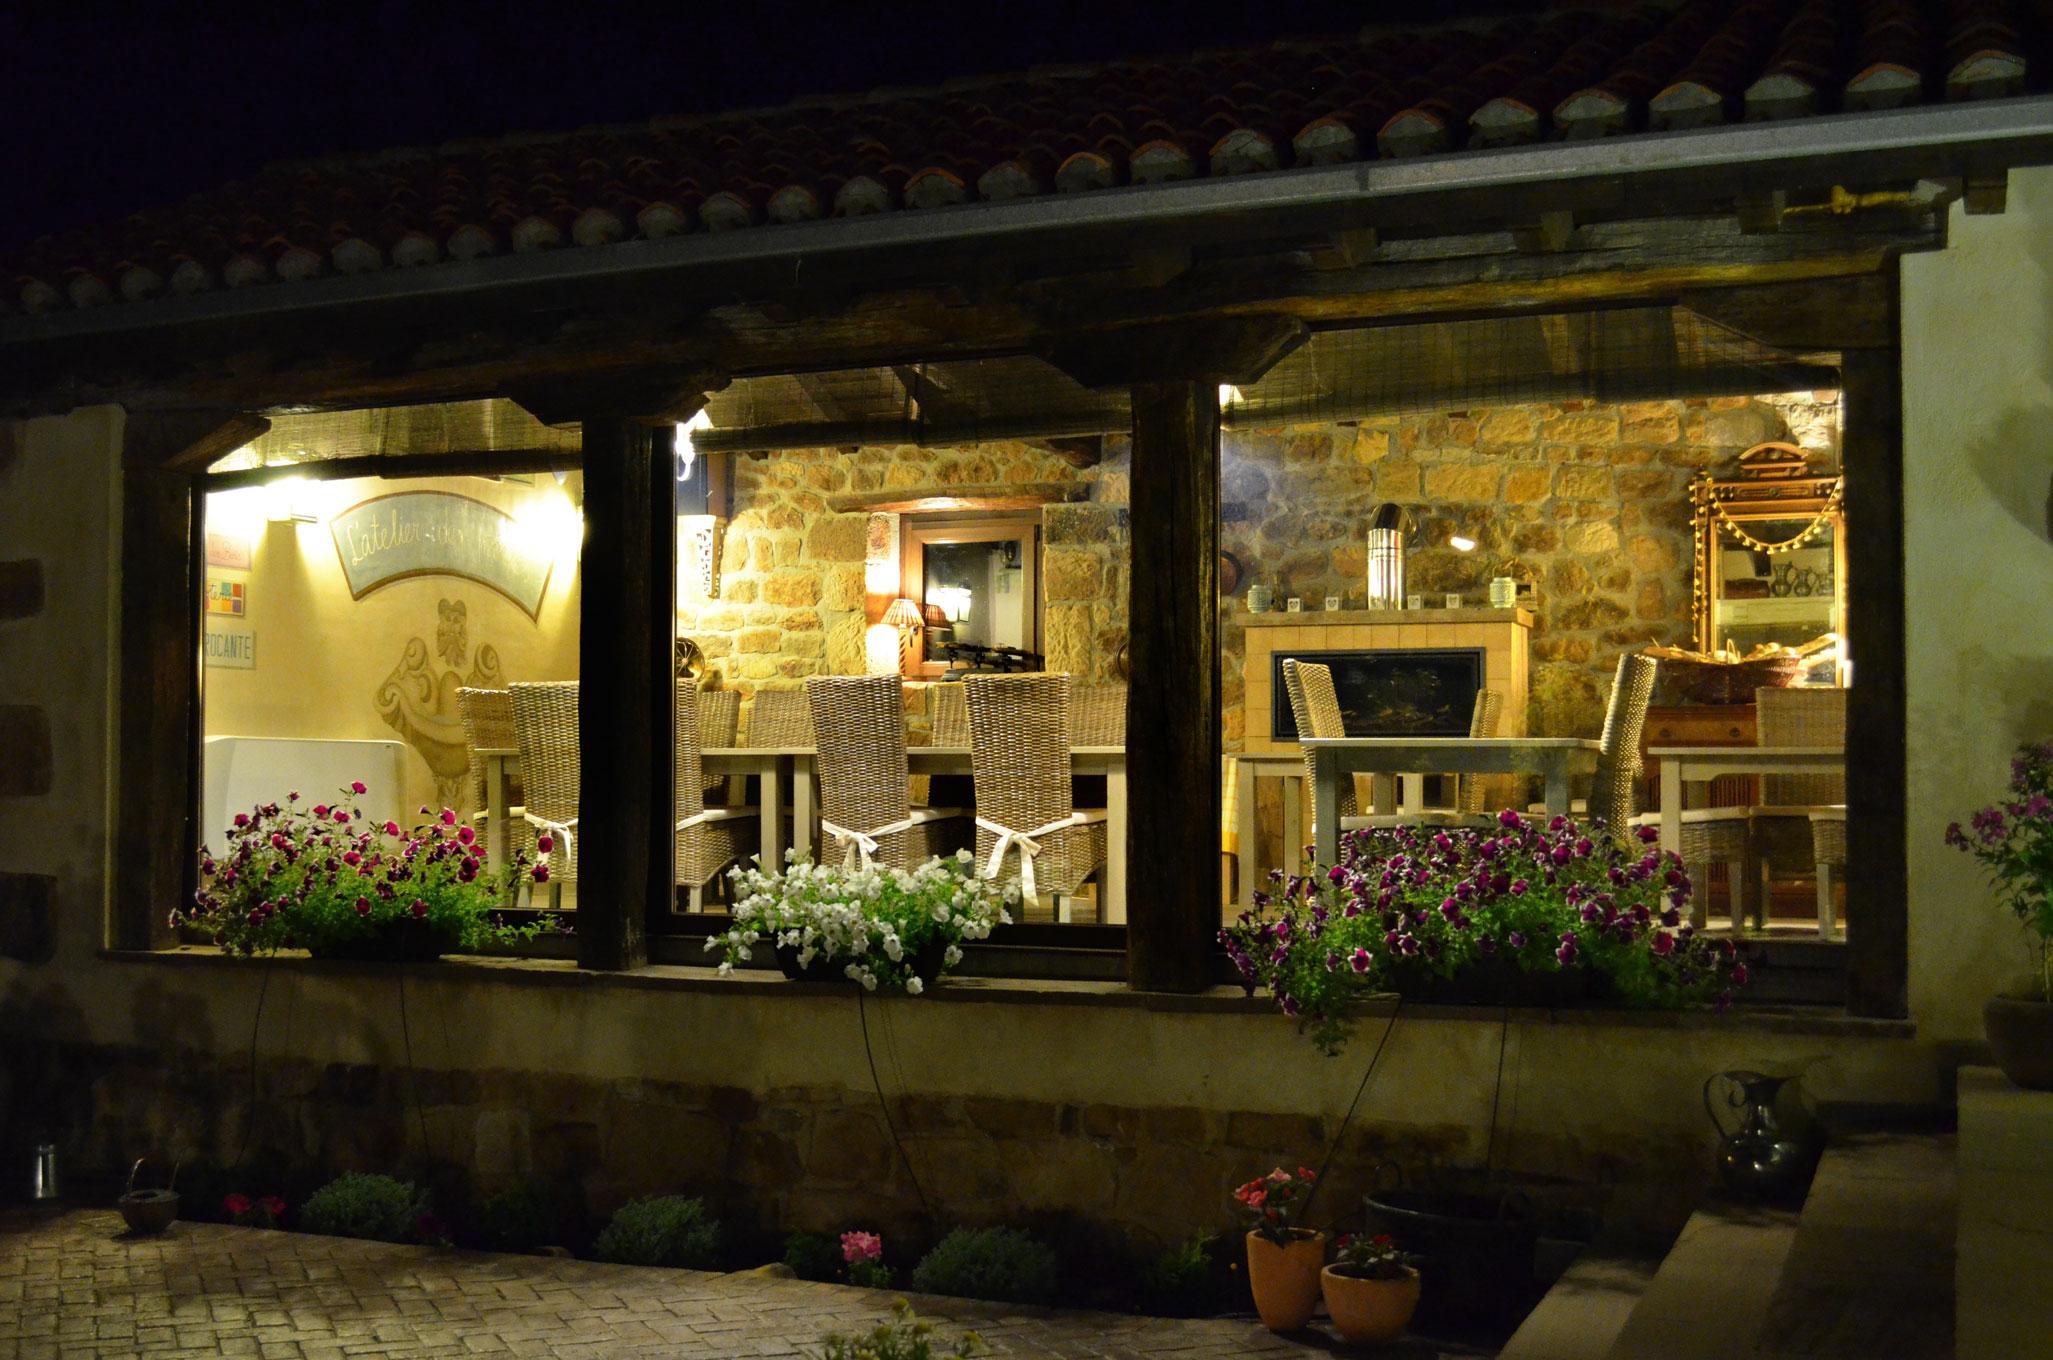 comedor-nocturno-web | Posada rural Lindos Sueños Cantabria